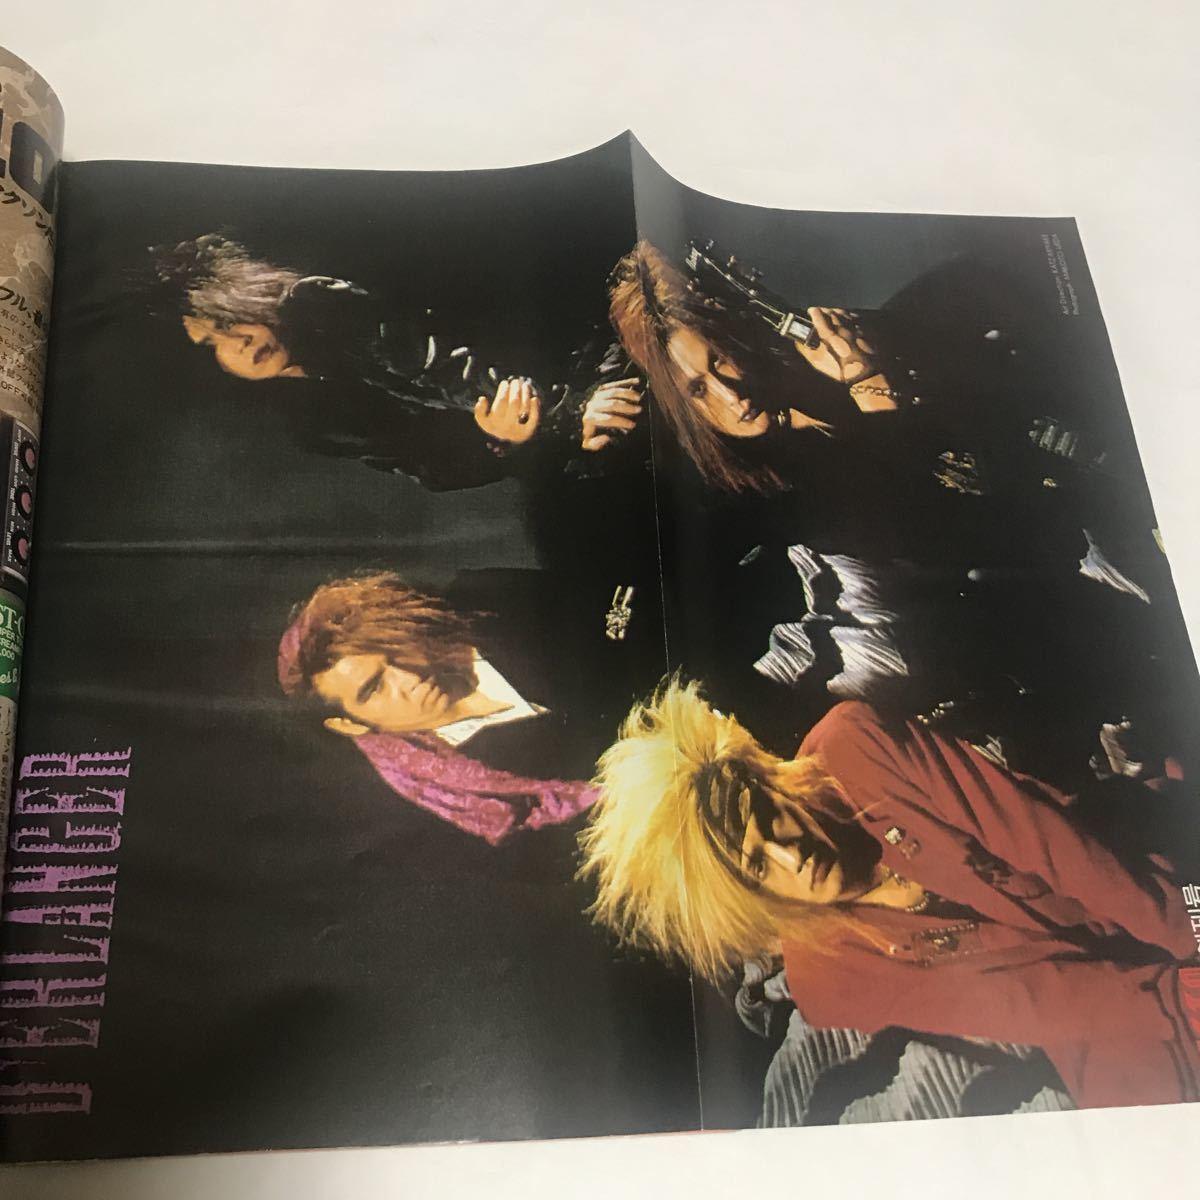 【貴重】 X JAPAN 表紙 ロッキンf 89年5月号 YOSHIKI TAIJI hide xjapan エックス ジャパメタ デランジェ 音楽雑誌 本 ZIGGY 44マグナム_画像7